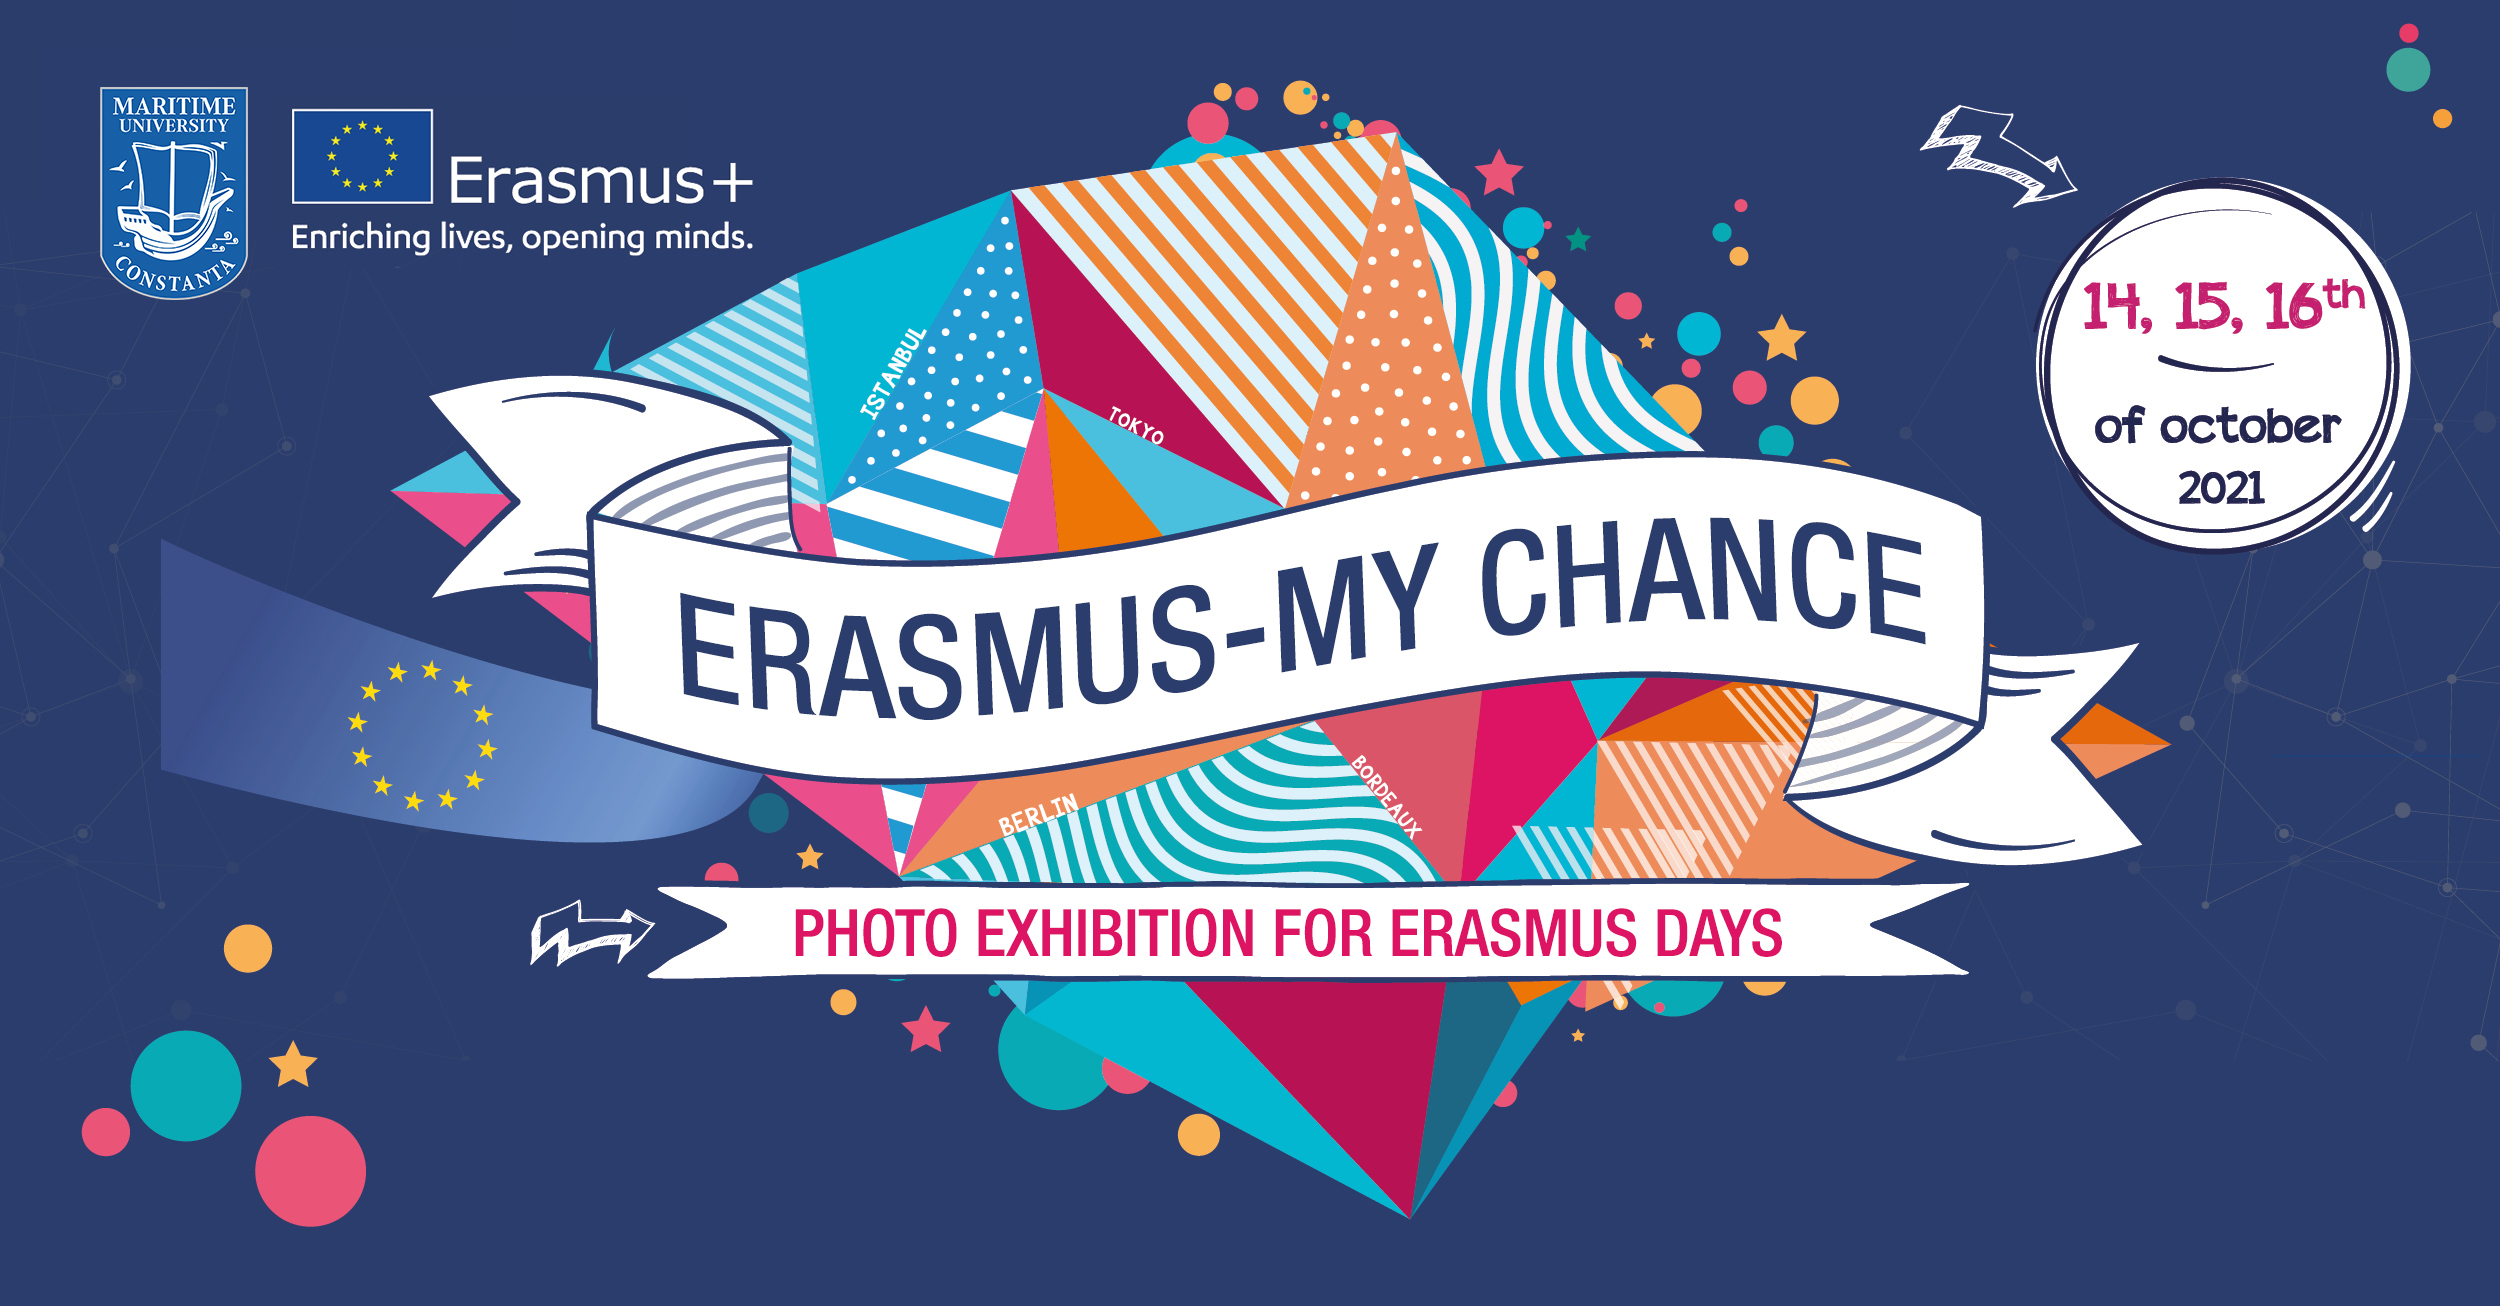 Erasmus Days la Universitatea Maritimă din Constanța